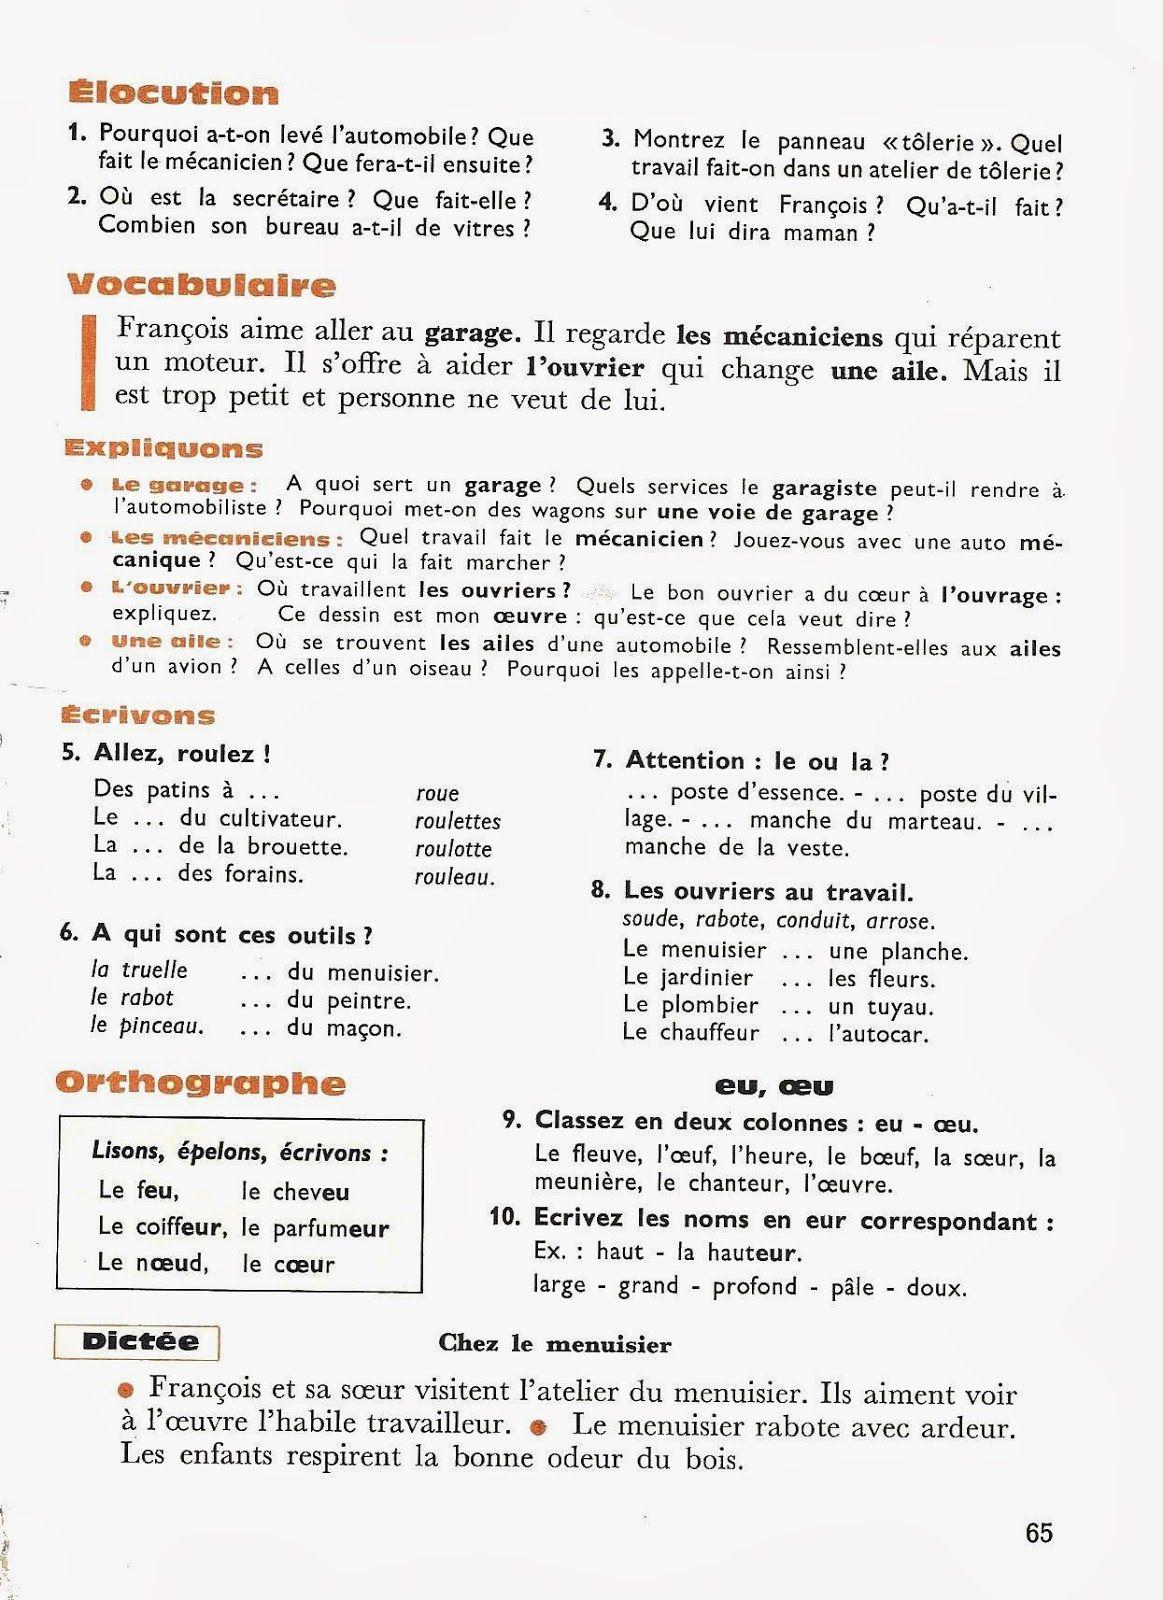 Toraille A La Conquete De Notre Langue Ce1 1965 Grandes Images En 2020 Ce1 Vocabulaire Conjugaison Francais